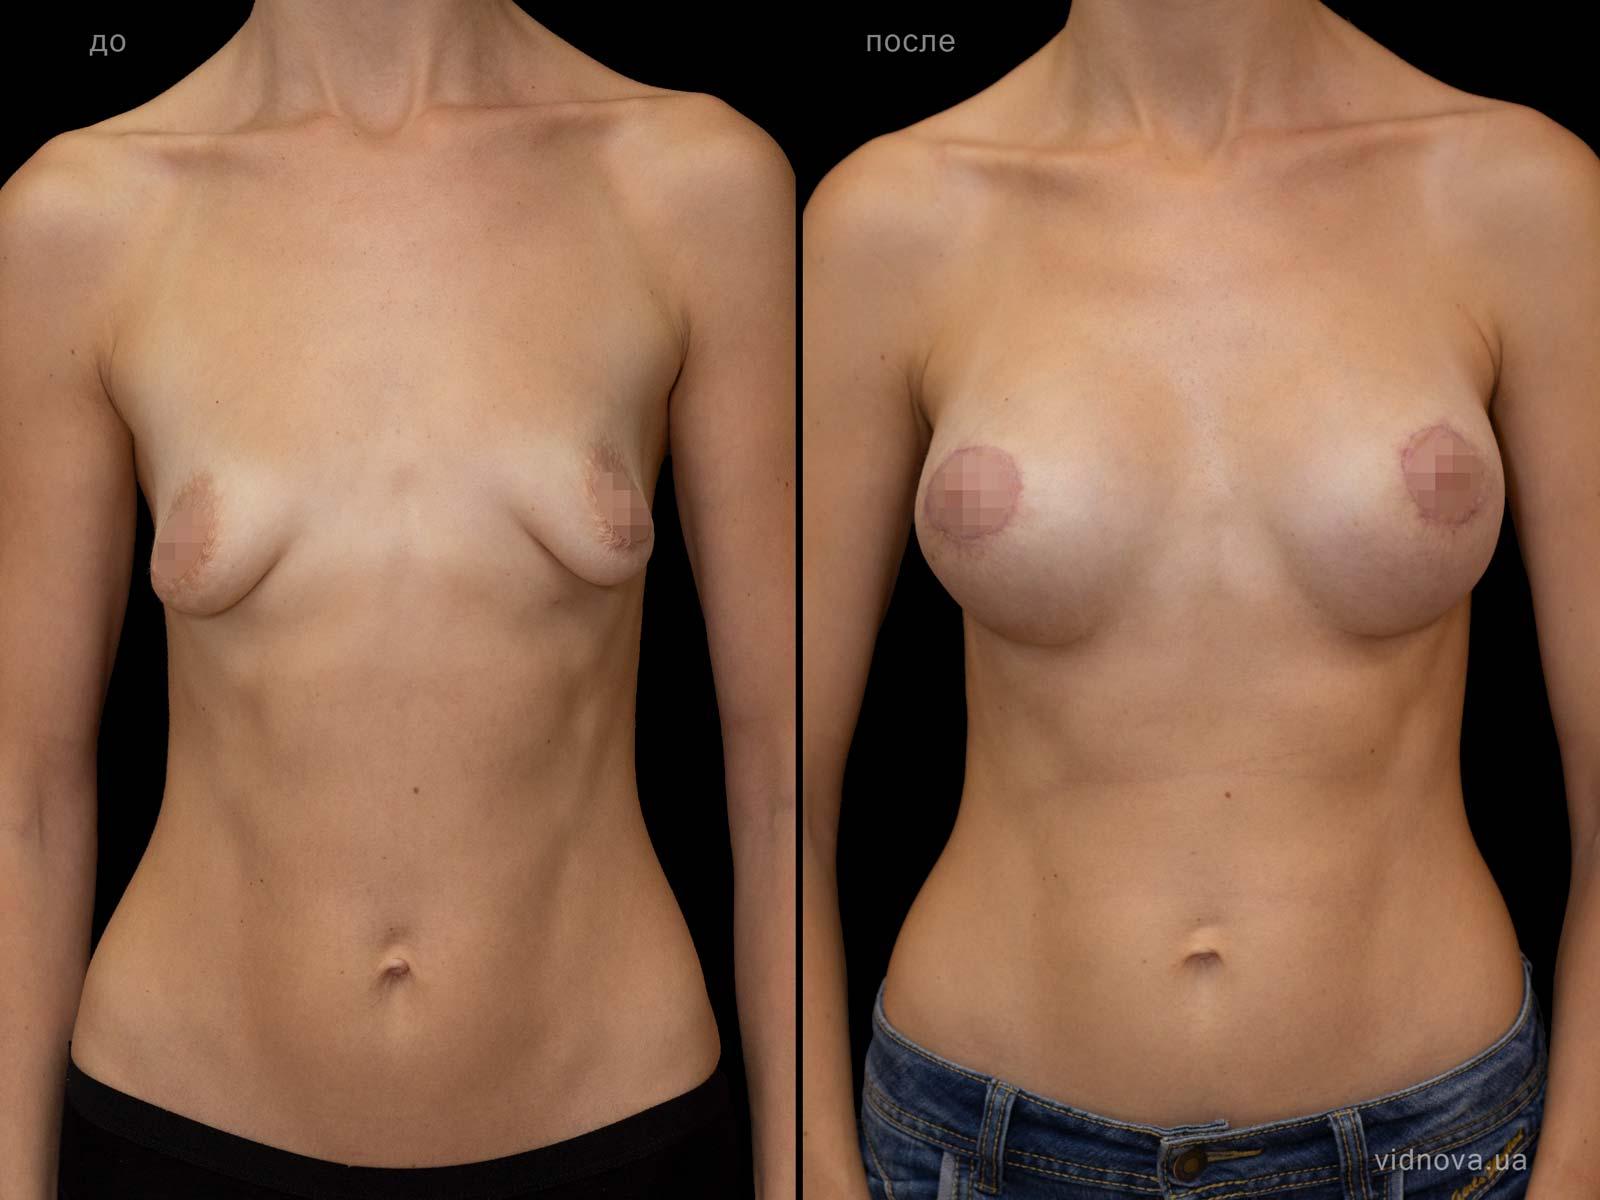 Пластика груди: результаты до и после - Пример №98-0 - Светлана Работенко